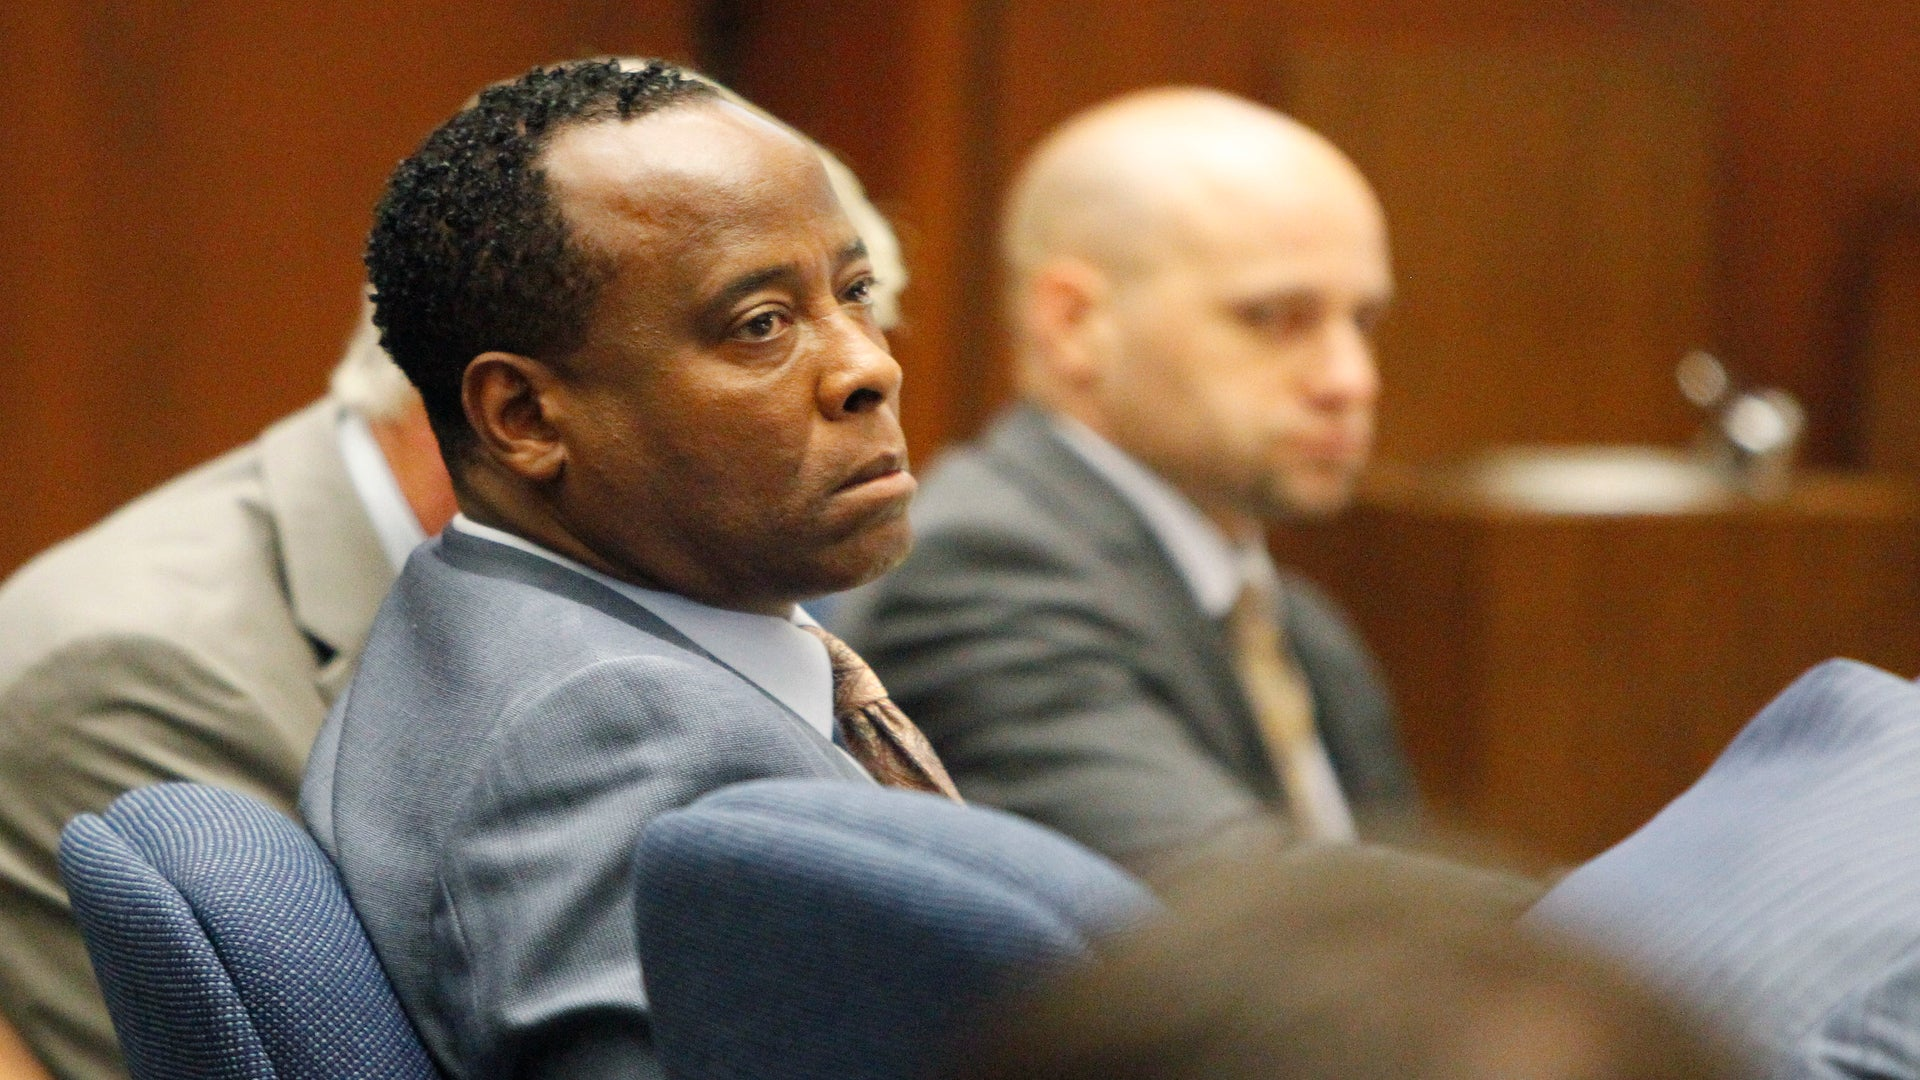 Witness Defends Dr. Conrad Murray